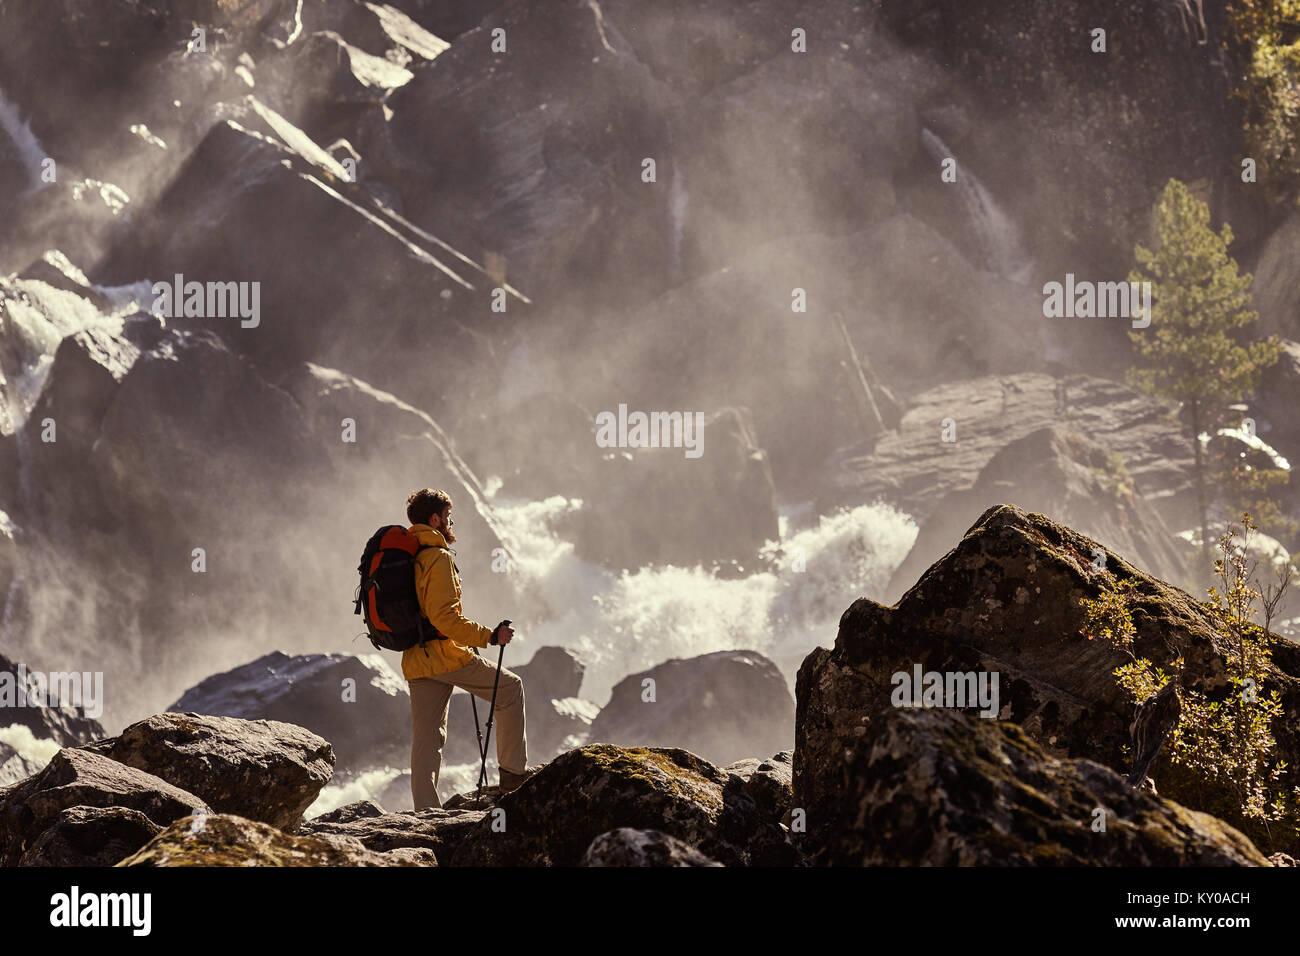 Escursionista escursionismo con zaino guardando la cascata nel parco in bella estate natura paesaggio. Ritratto Immagini Stock